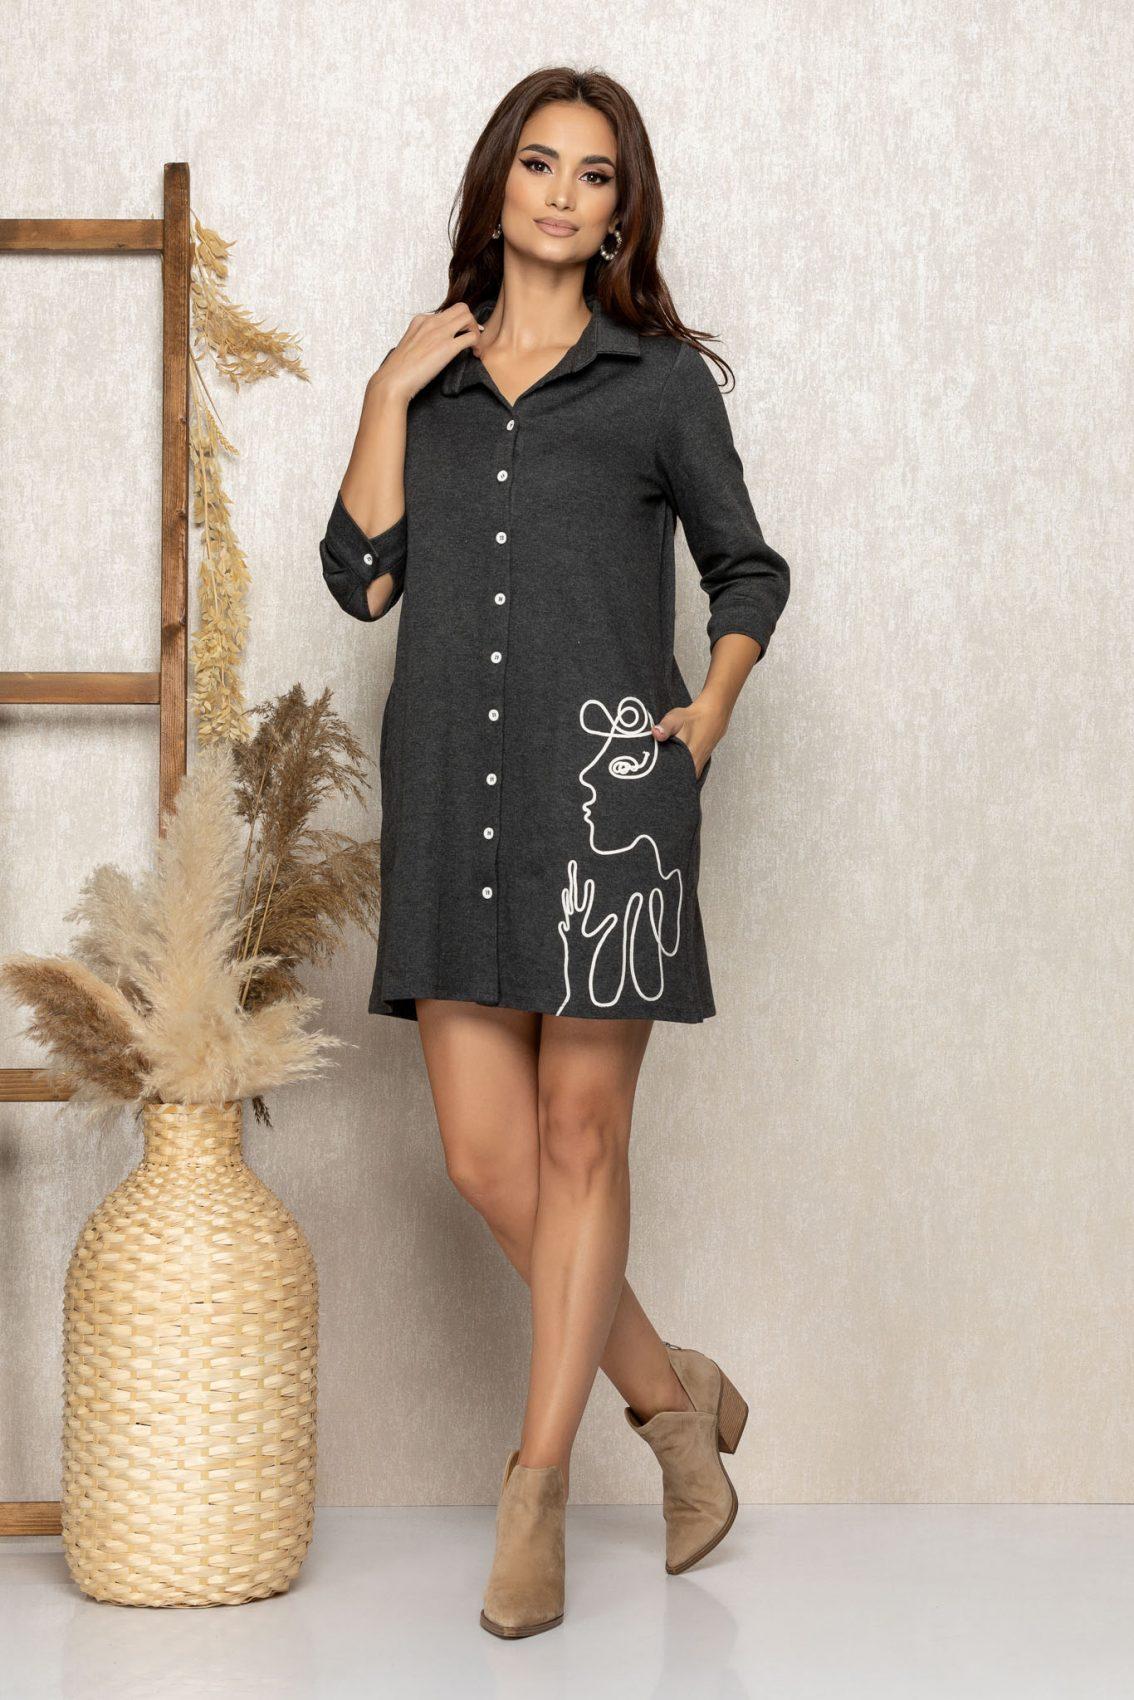 Γκρι Καθημερινό Φόρεμα Dolyn 9246 1